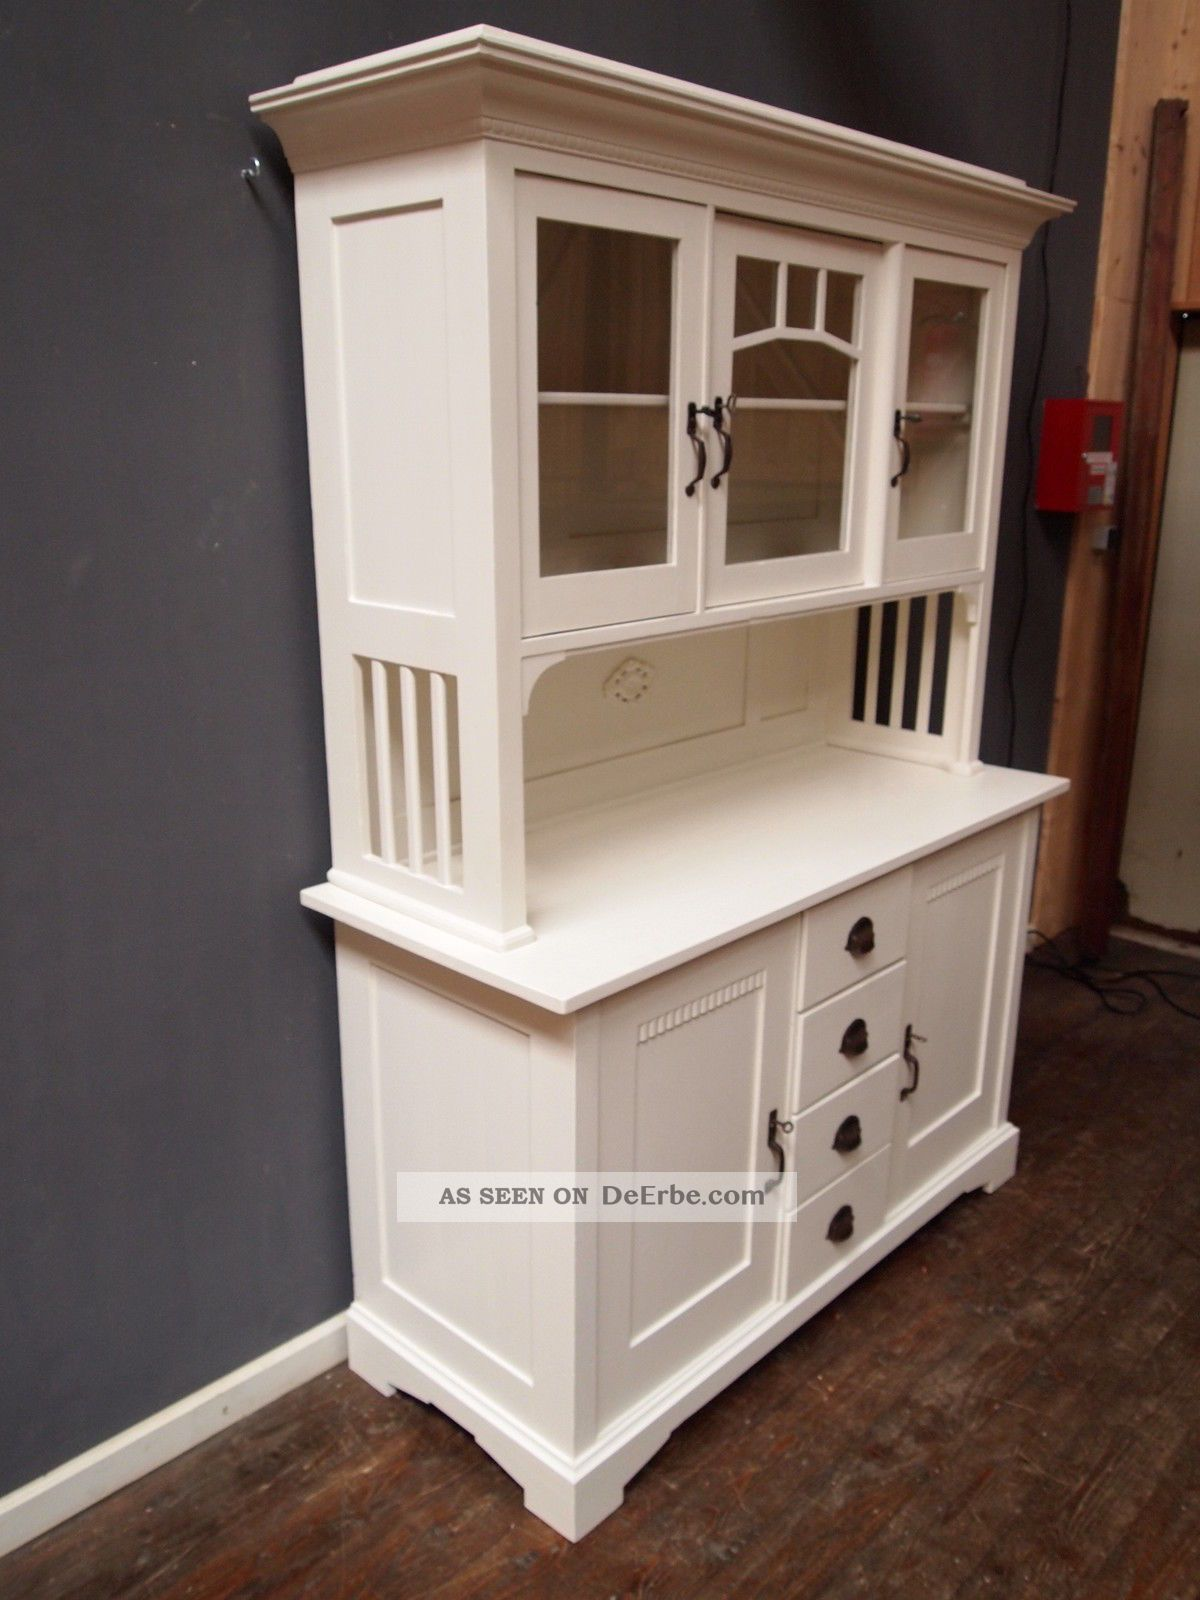 jugendstil anrichte b ffet vitrine anrichte shabby chic schrank wundersch n. Black Bedroom Furniture Sets. Home Design Ideas